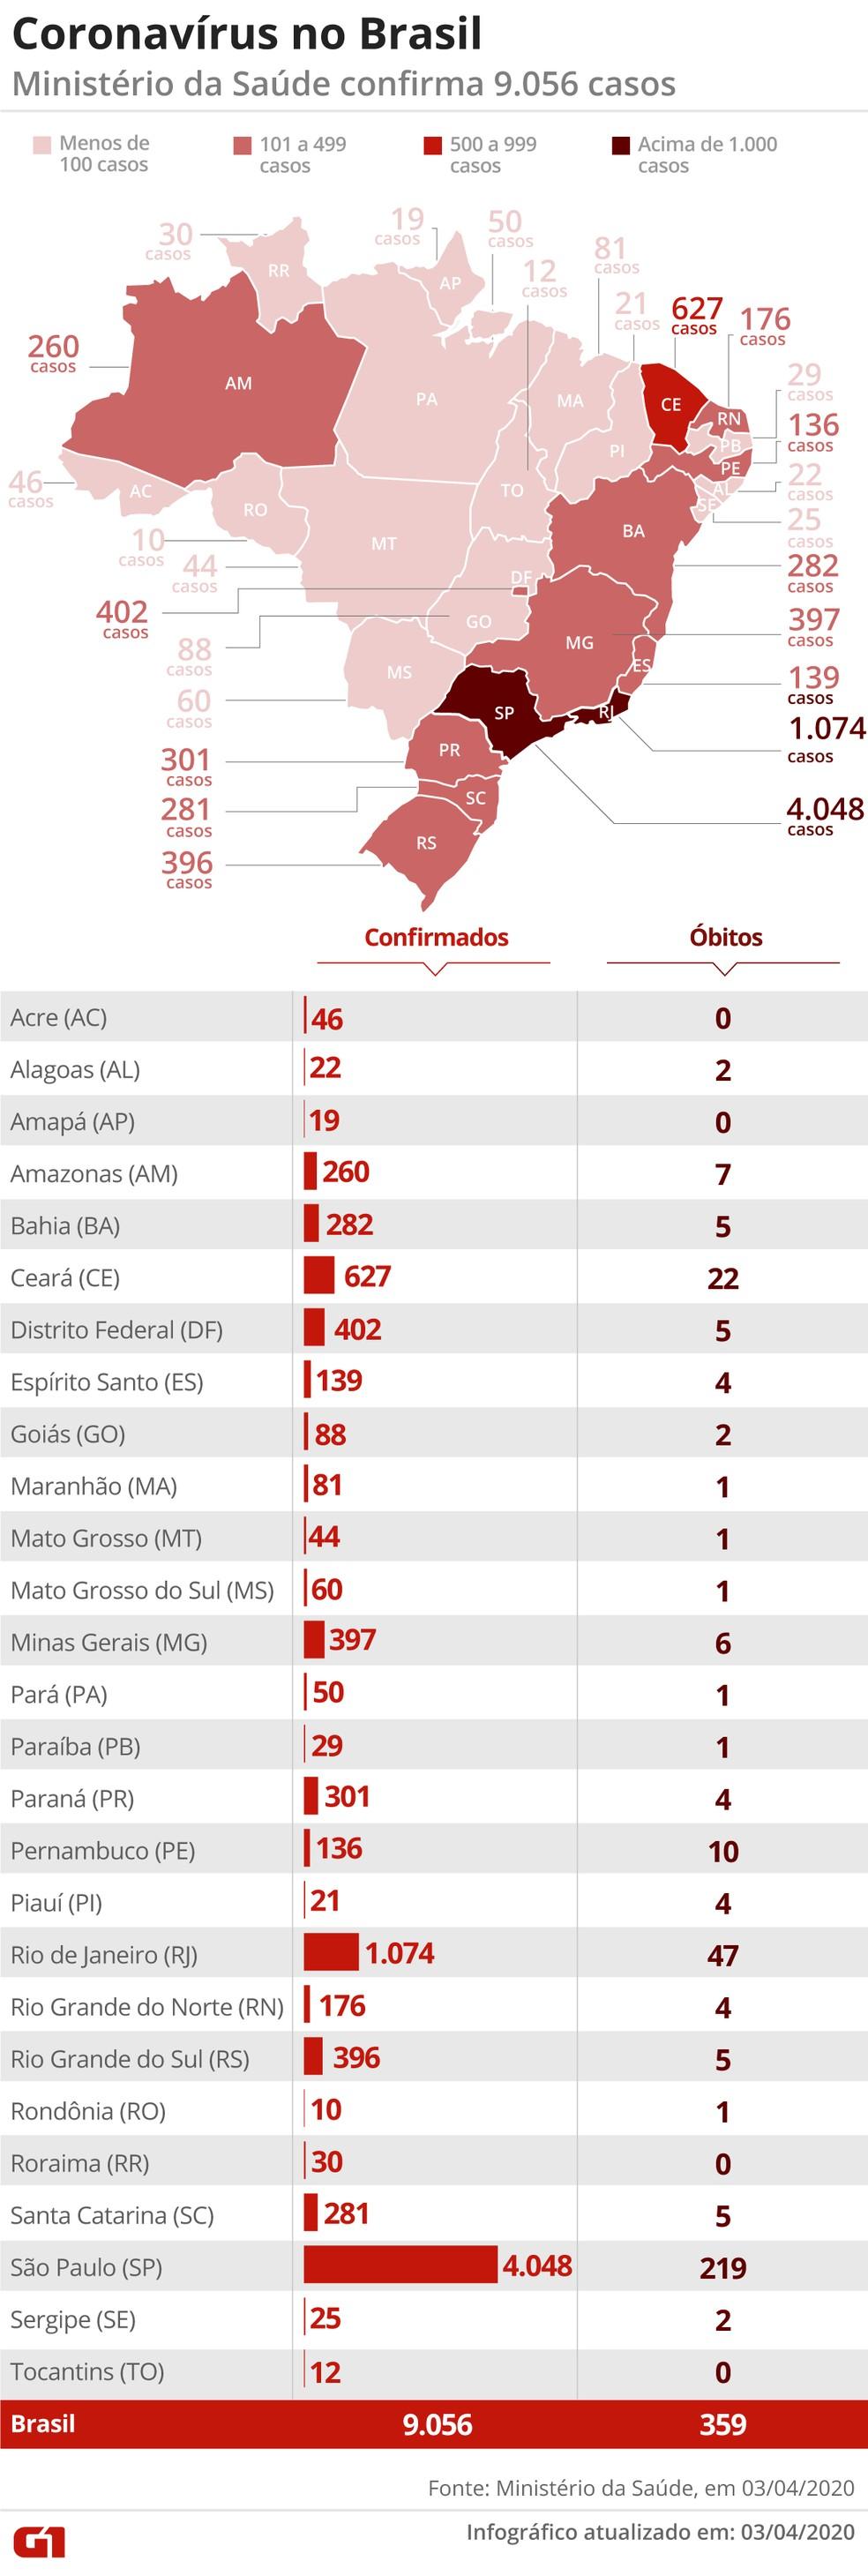 Ministério da Saúde confirma 9056 casos e 359 mortes no país. — Foto: Guilherme Pinheiro/ G1